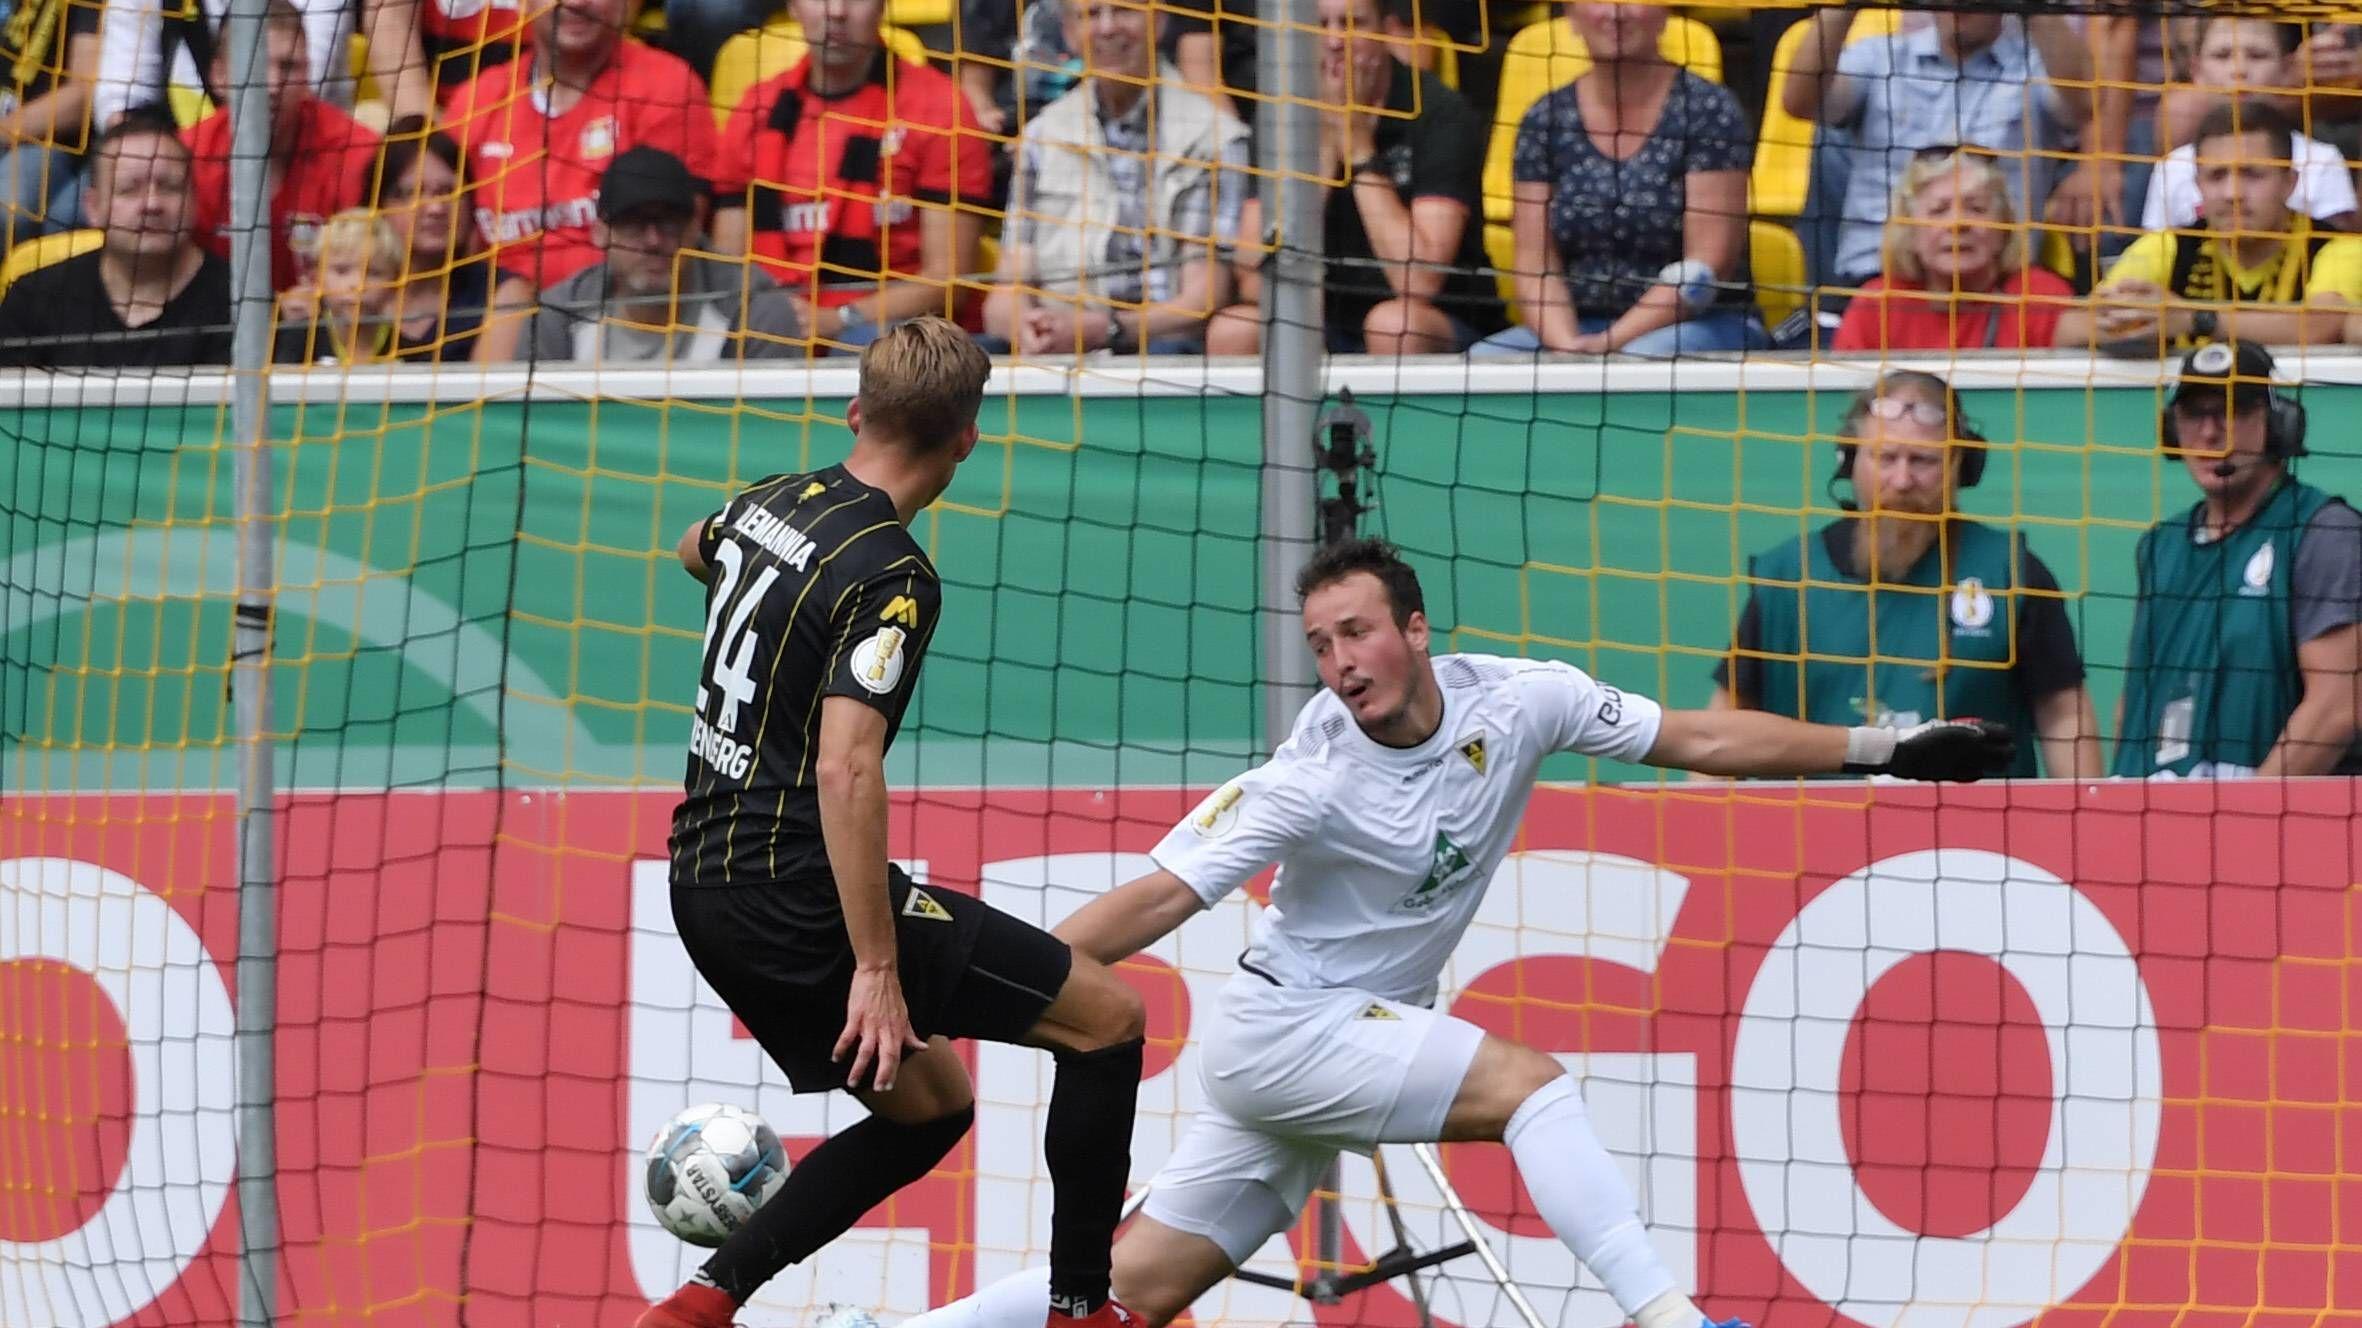 Spielanalyse | Alemannia Aachen - Bayer 04 Leverkusen 1:4 | 1. Runde | DFB-Pokal 2019/20 - kicker